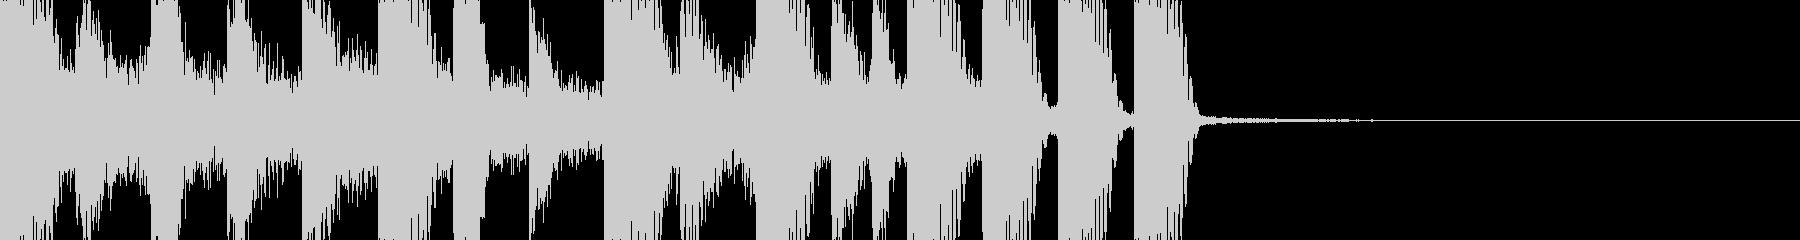 ドラムンベースなファンファーレの未再生の波形